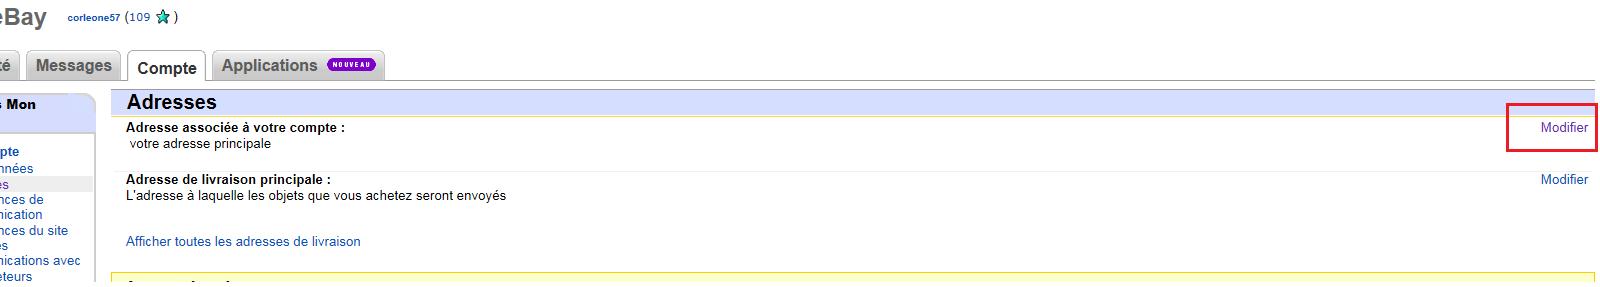 Conseils pour achats d'import jap sur ebay / Yahoo Sans_t15